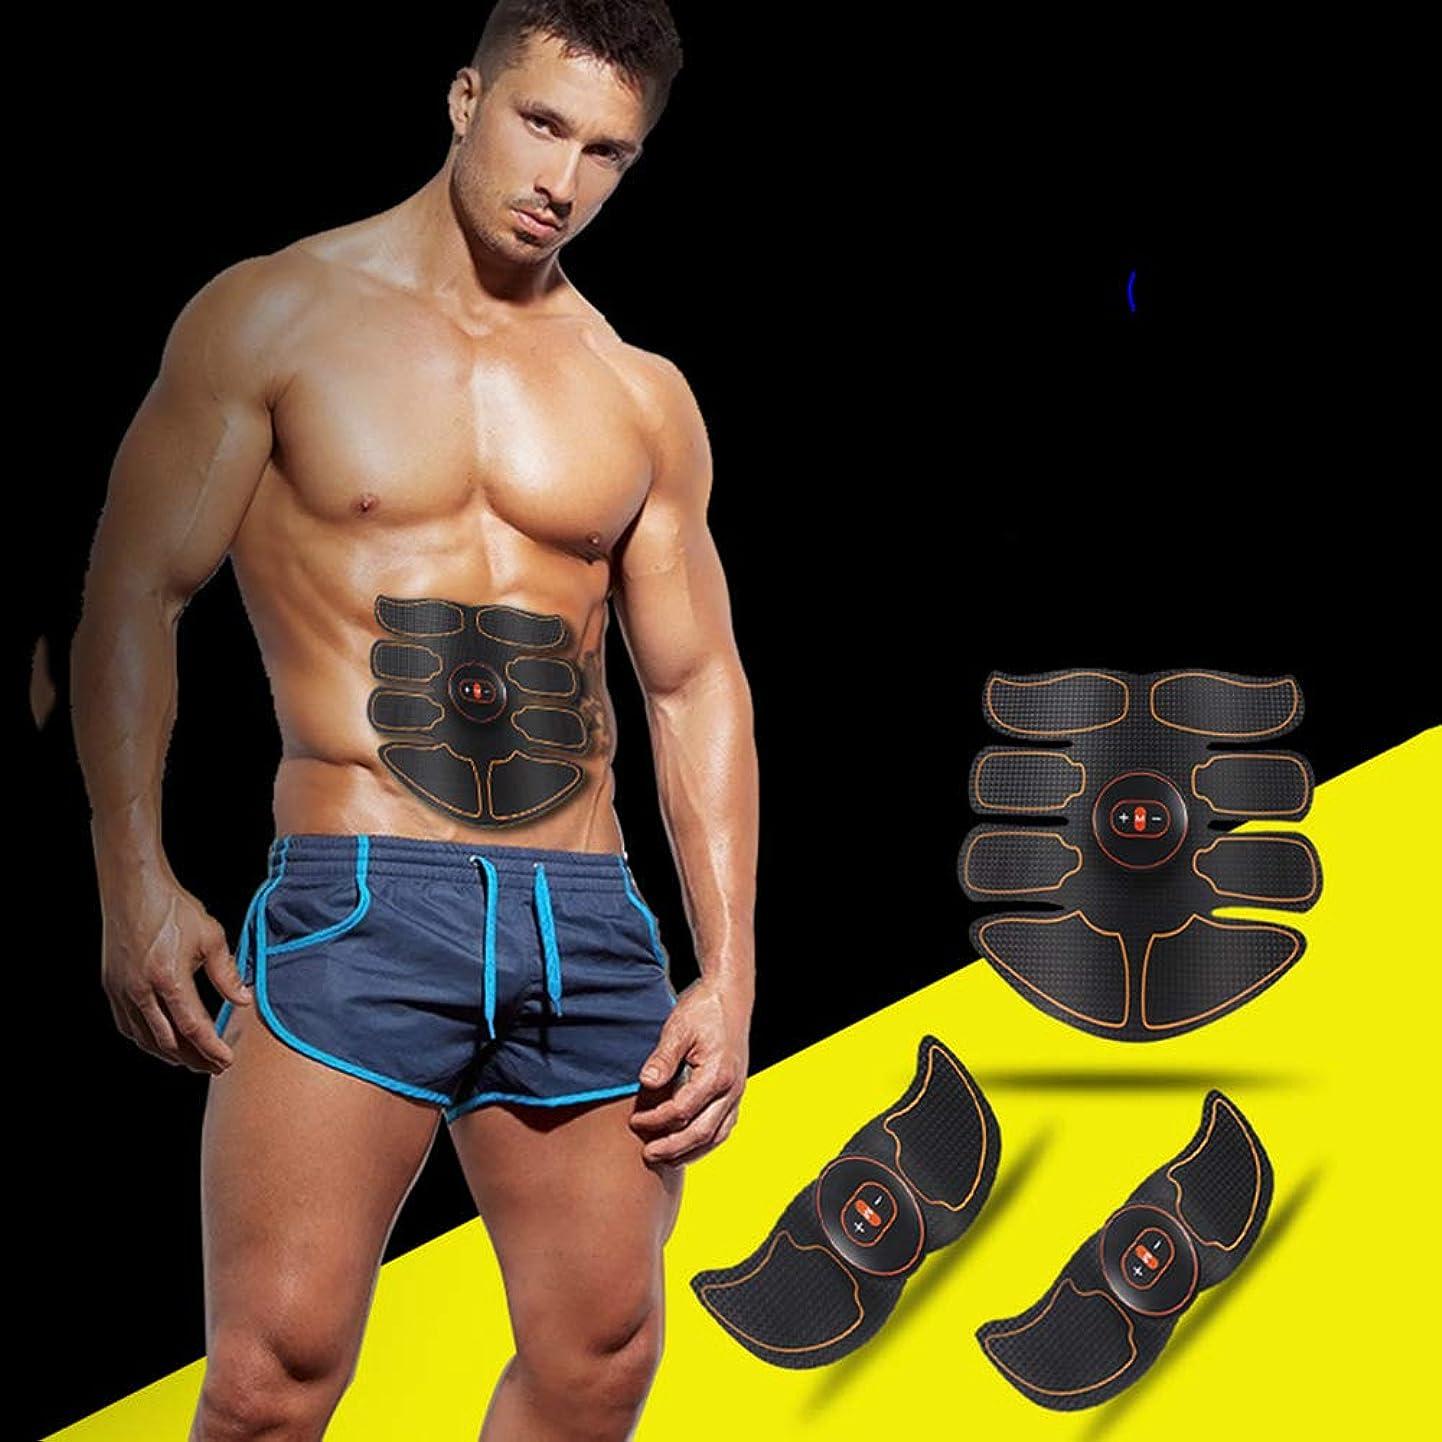 ドループアパート病院USB電気腹筋トレーニング装置EMS筋刺激器腹筋ウエスト減量マッサージャースポーツフィットネス機器ユニセックス,Yellow